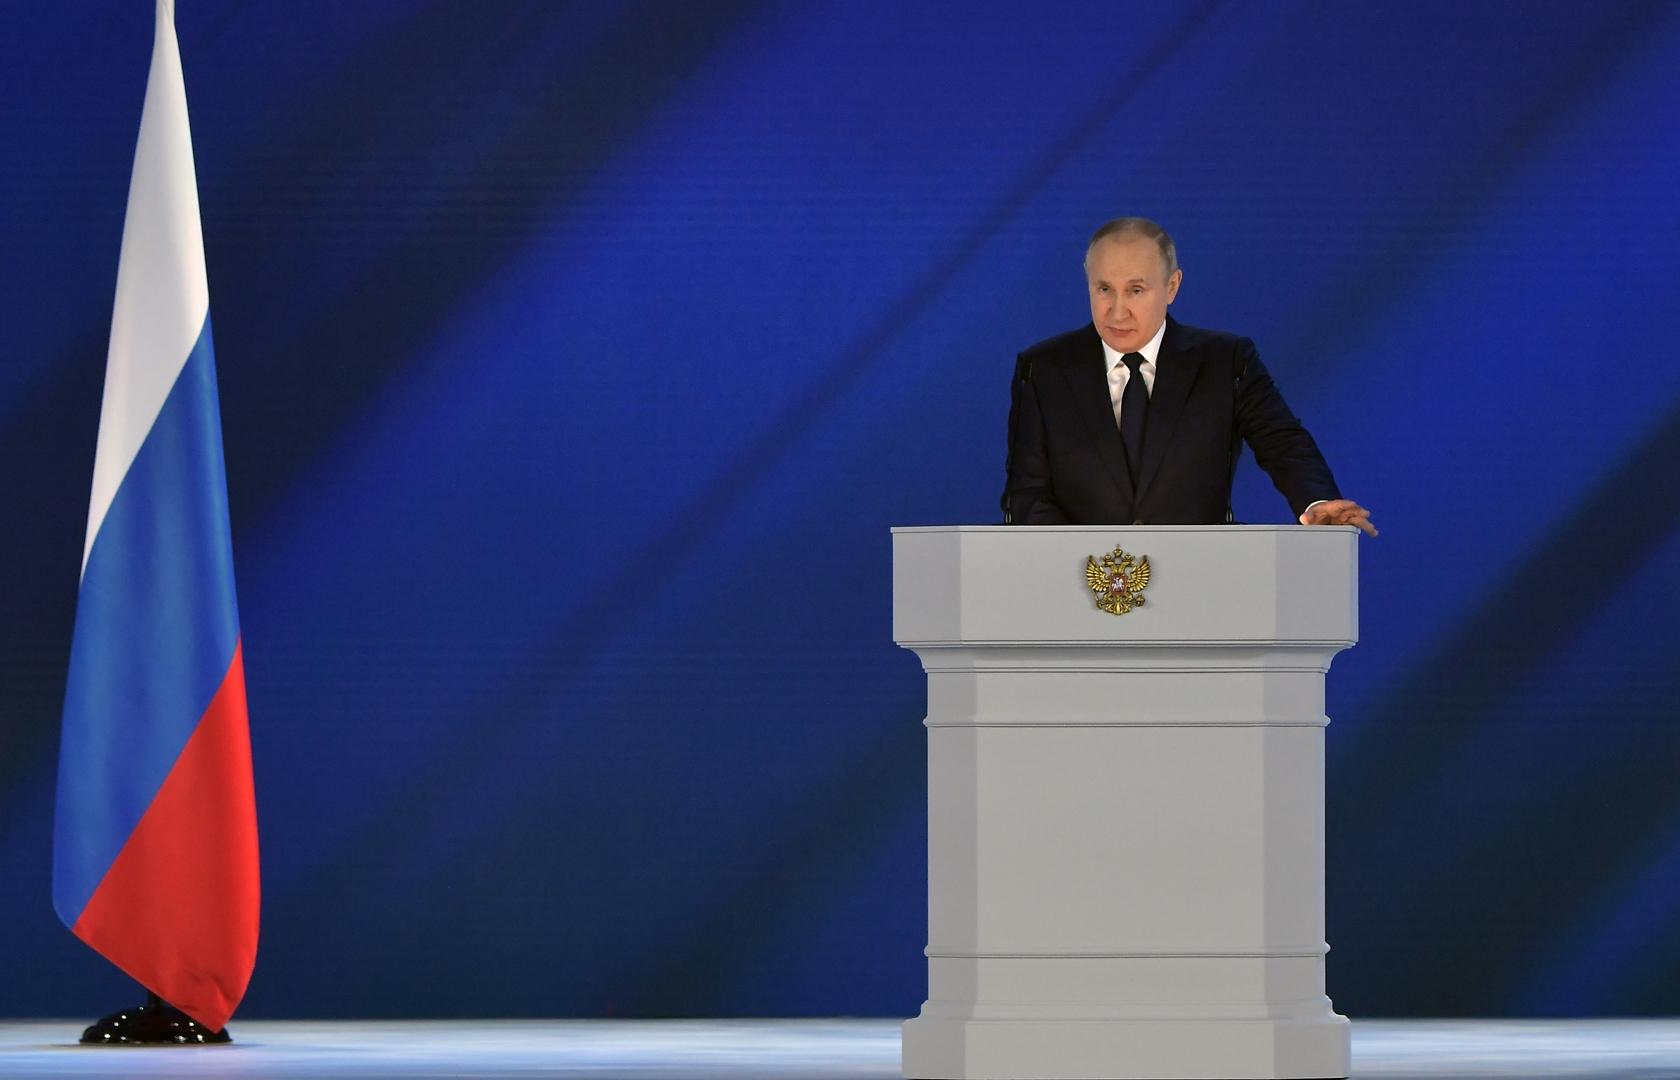 بوتين عن محاولة الانقلاب في بيلاروس: لقد تجاوزوا كل الحدود